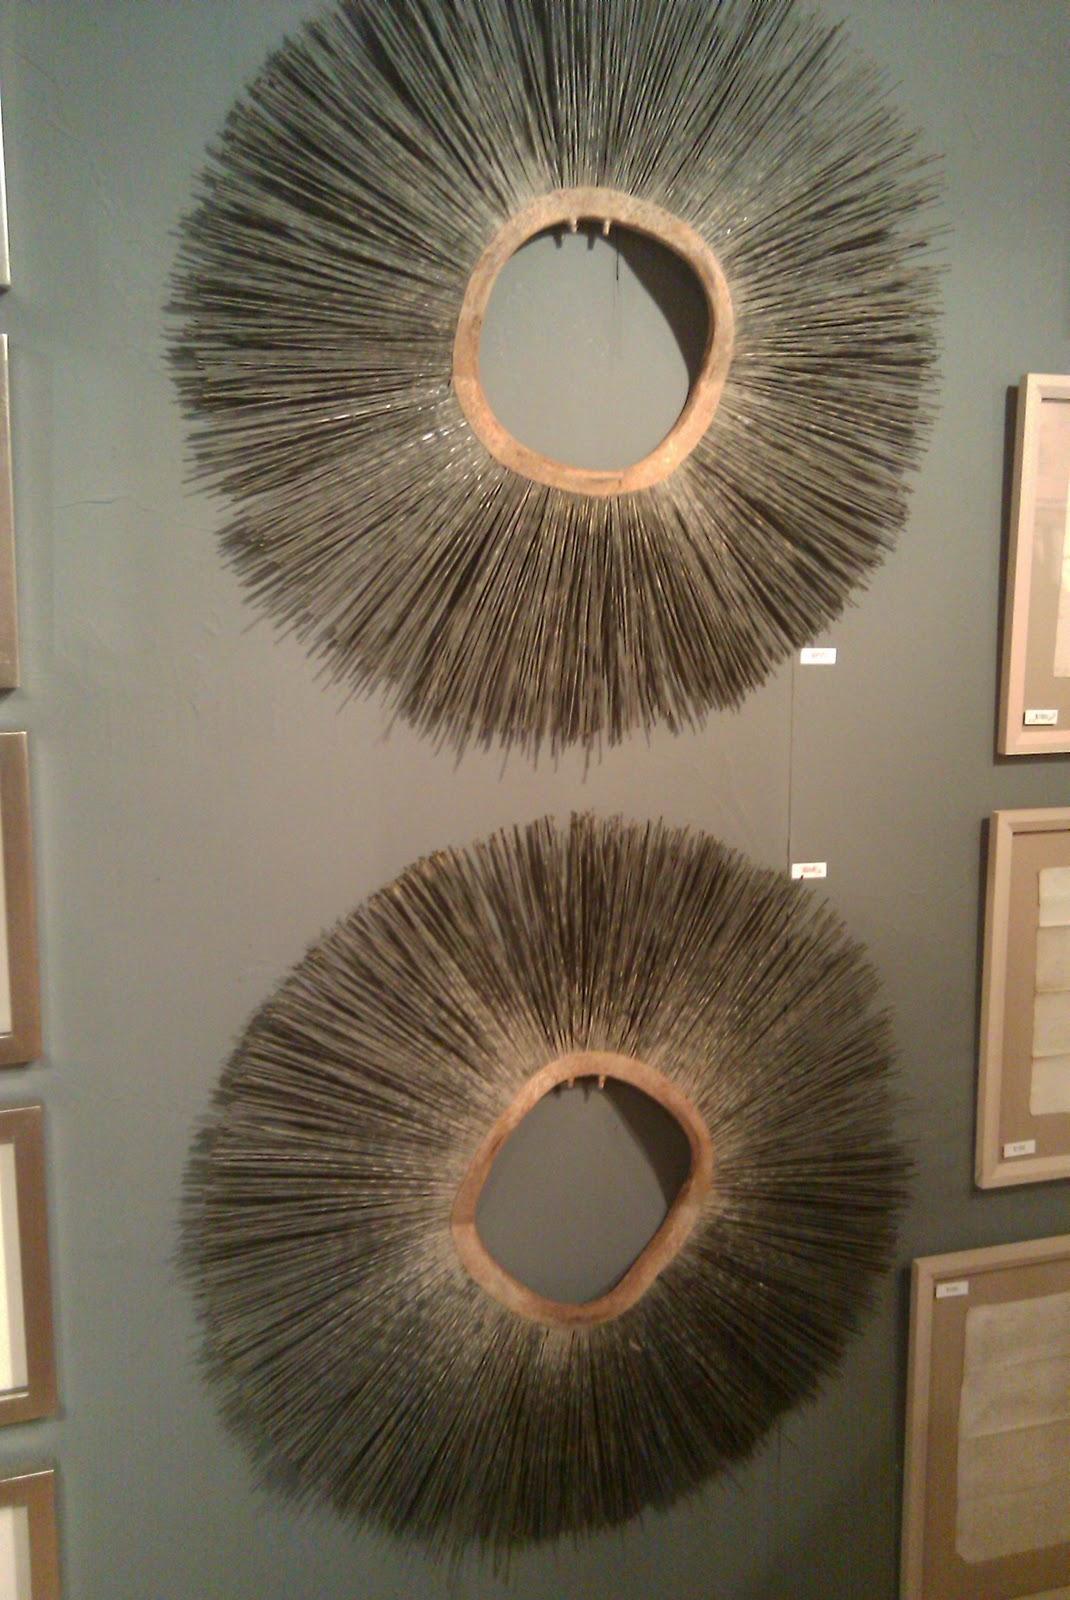 BRONWYN Designs: High Point Furniture Market - Fall 2011